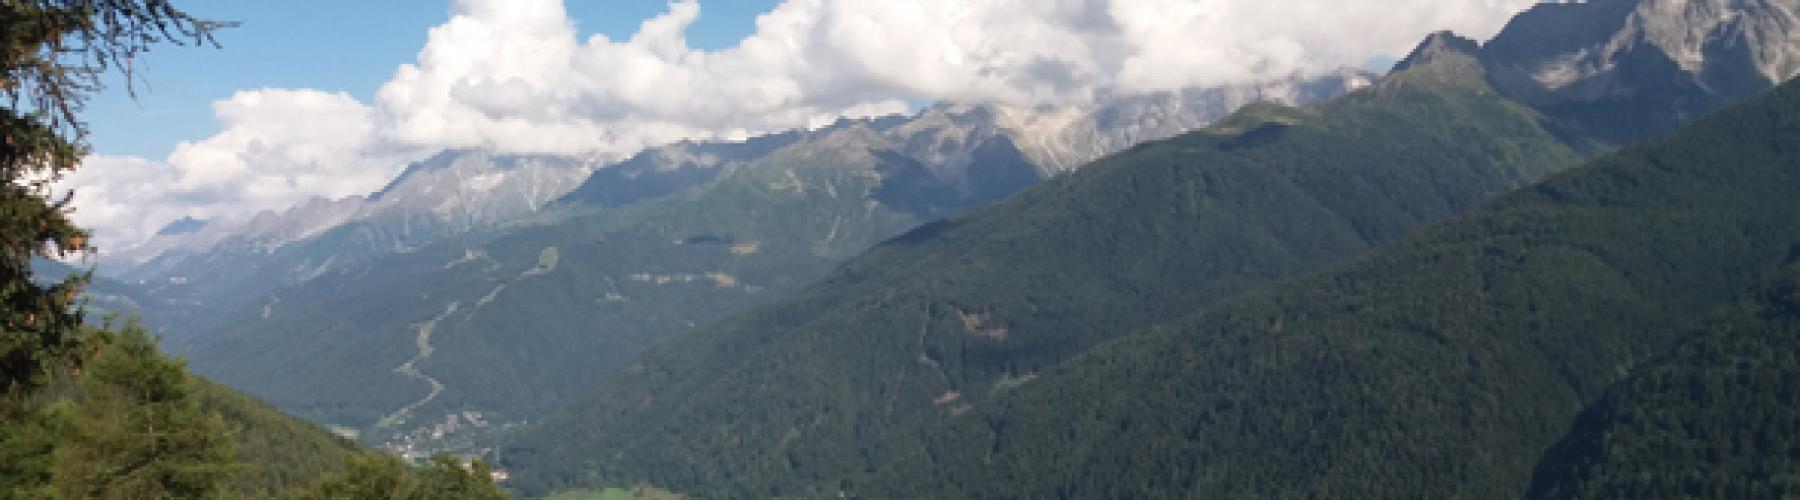 Copertina Cava di Marmo del Borom - Vezza d'Oglio